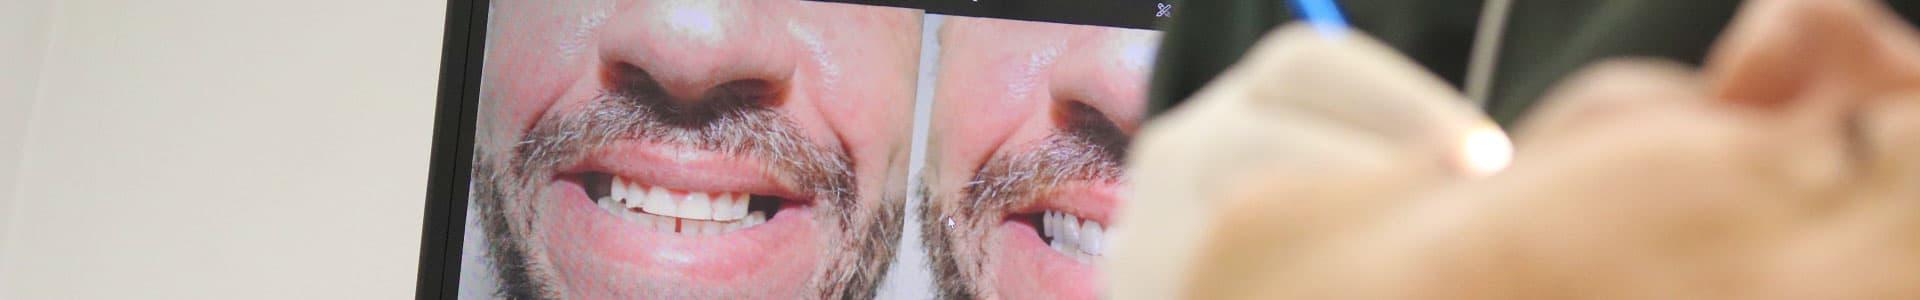 Teste do Sorriso é INCRÍVEL e permite antever resultado de tratamento!